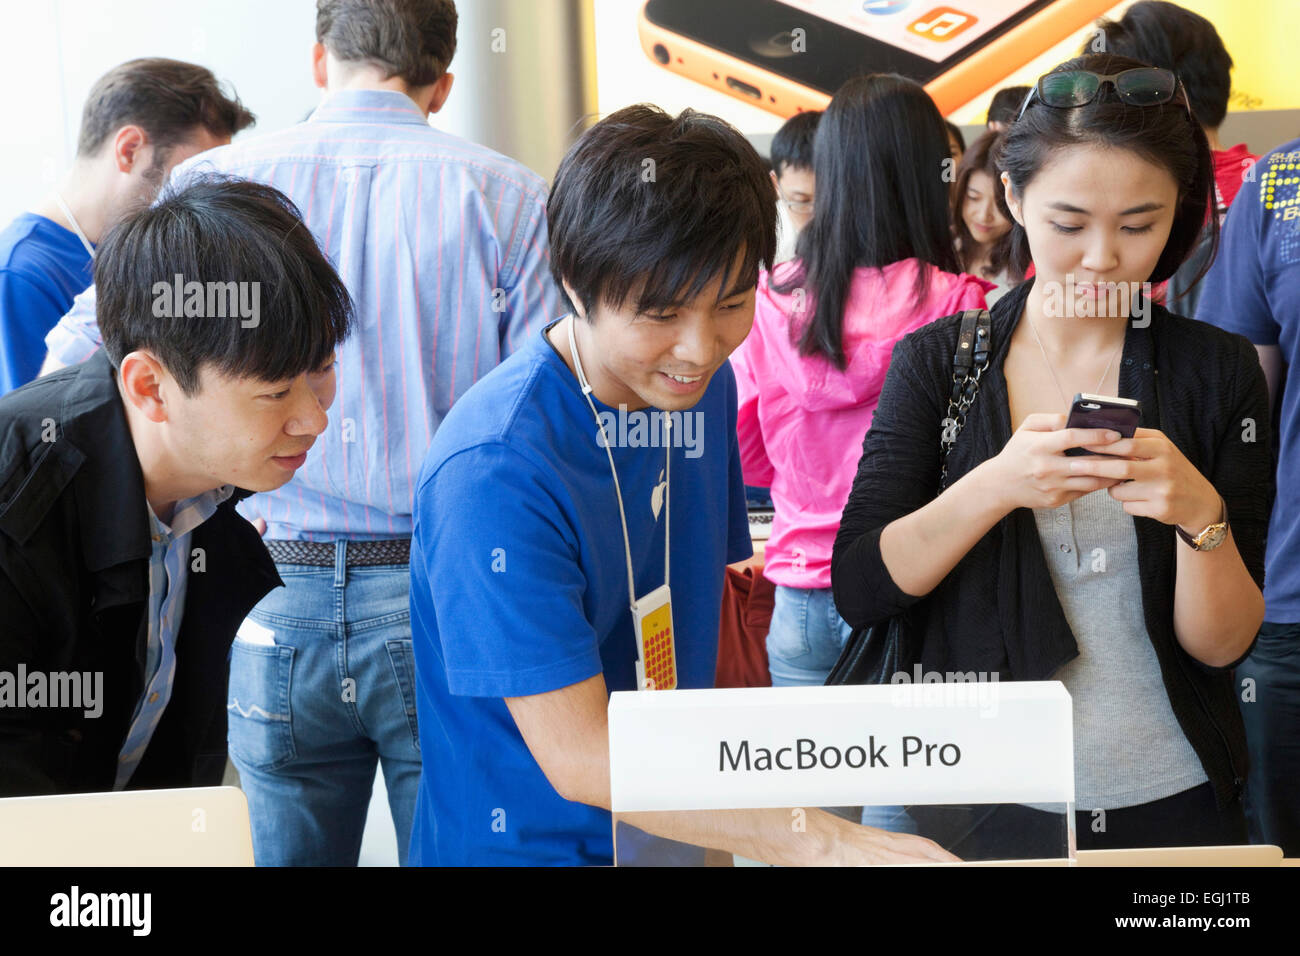 China, Hong Kong, Apple Store, Customers Looking at Apple